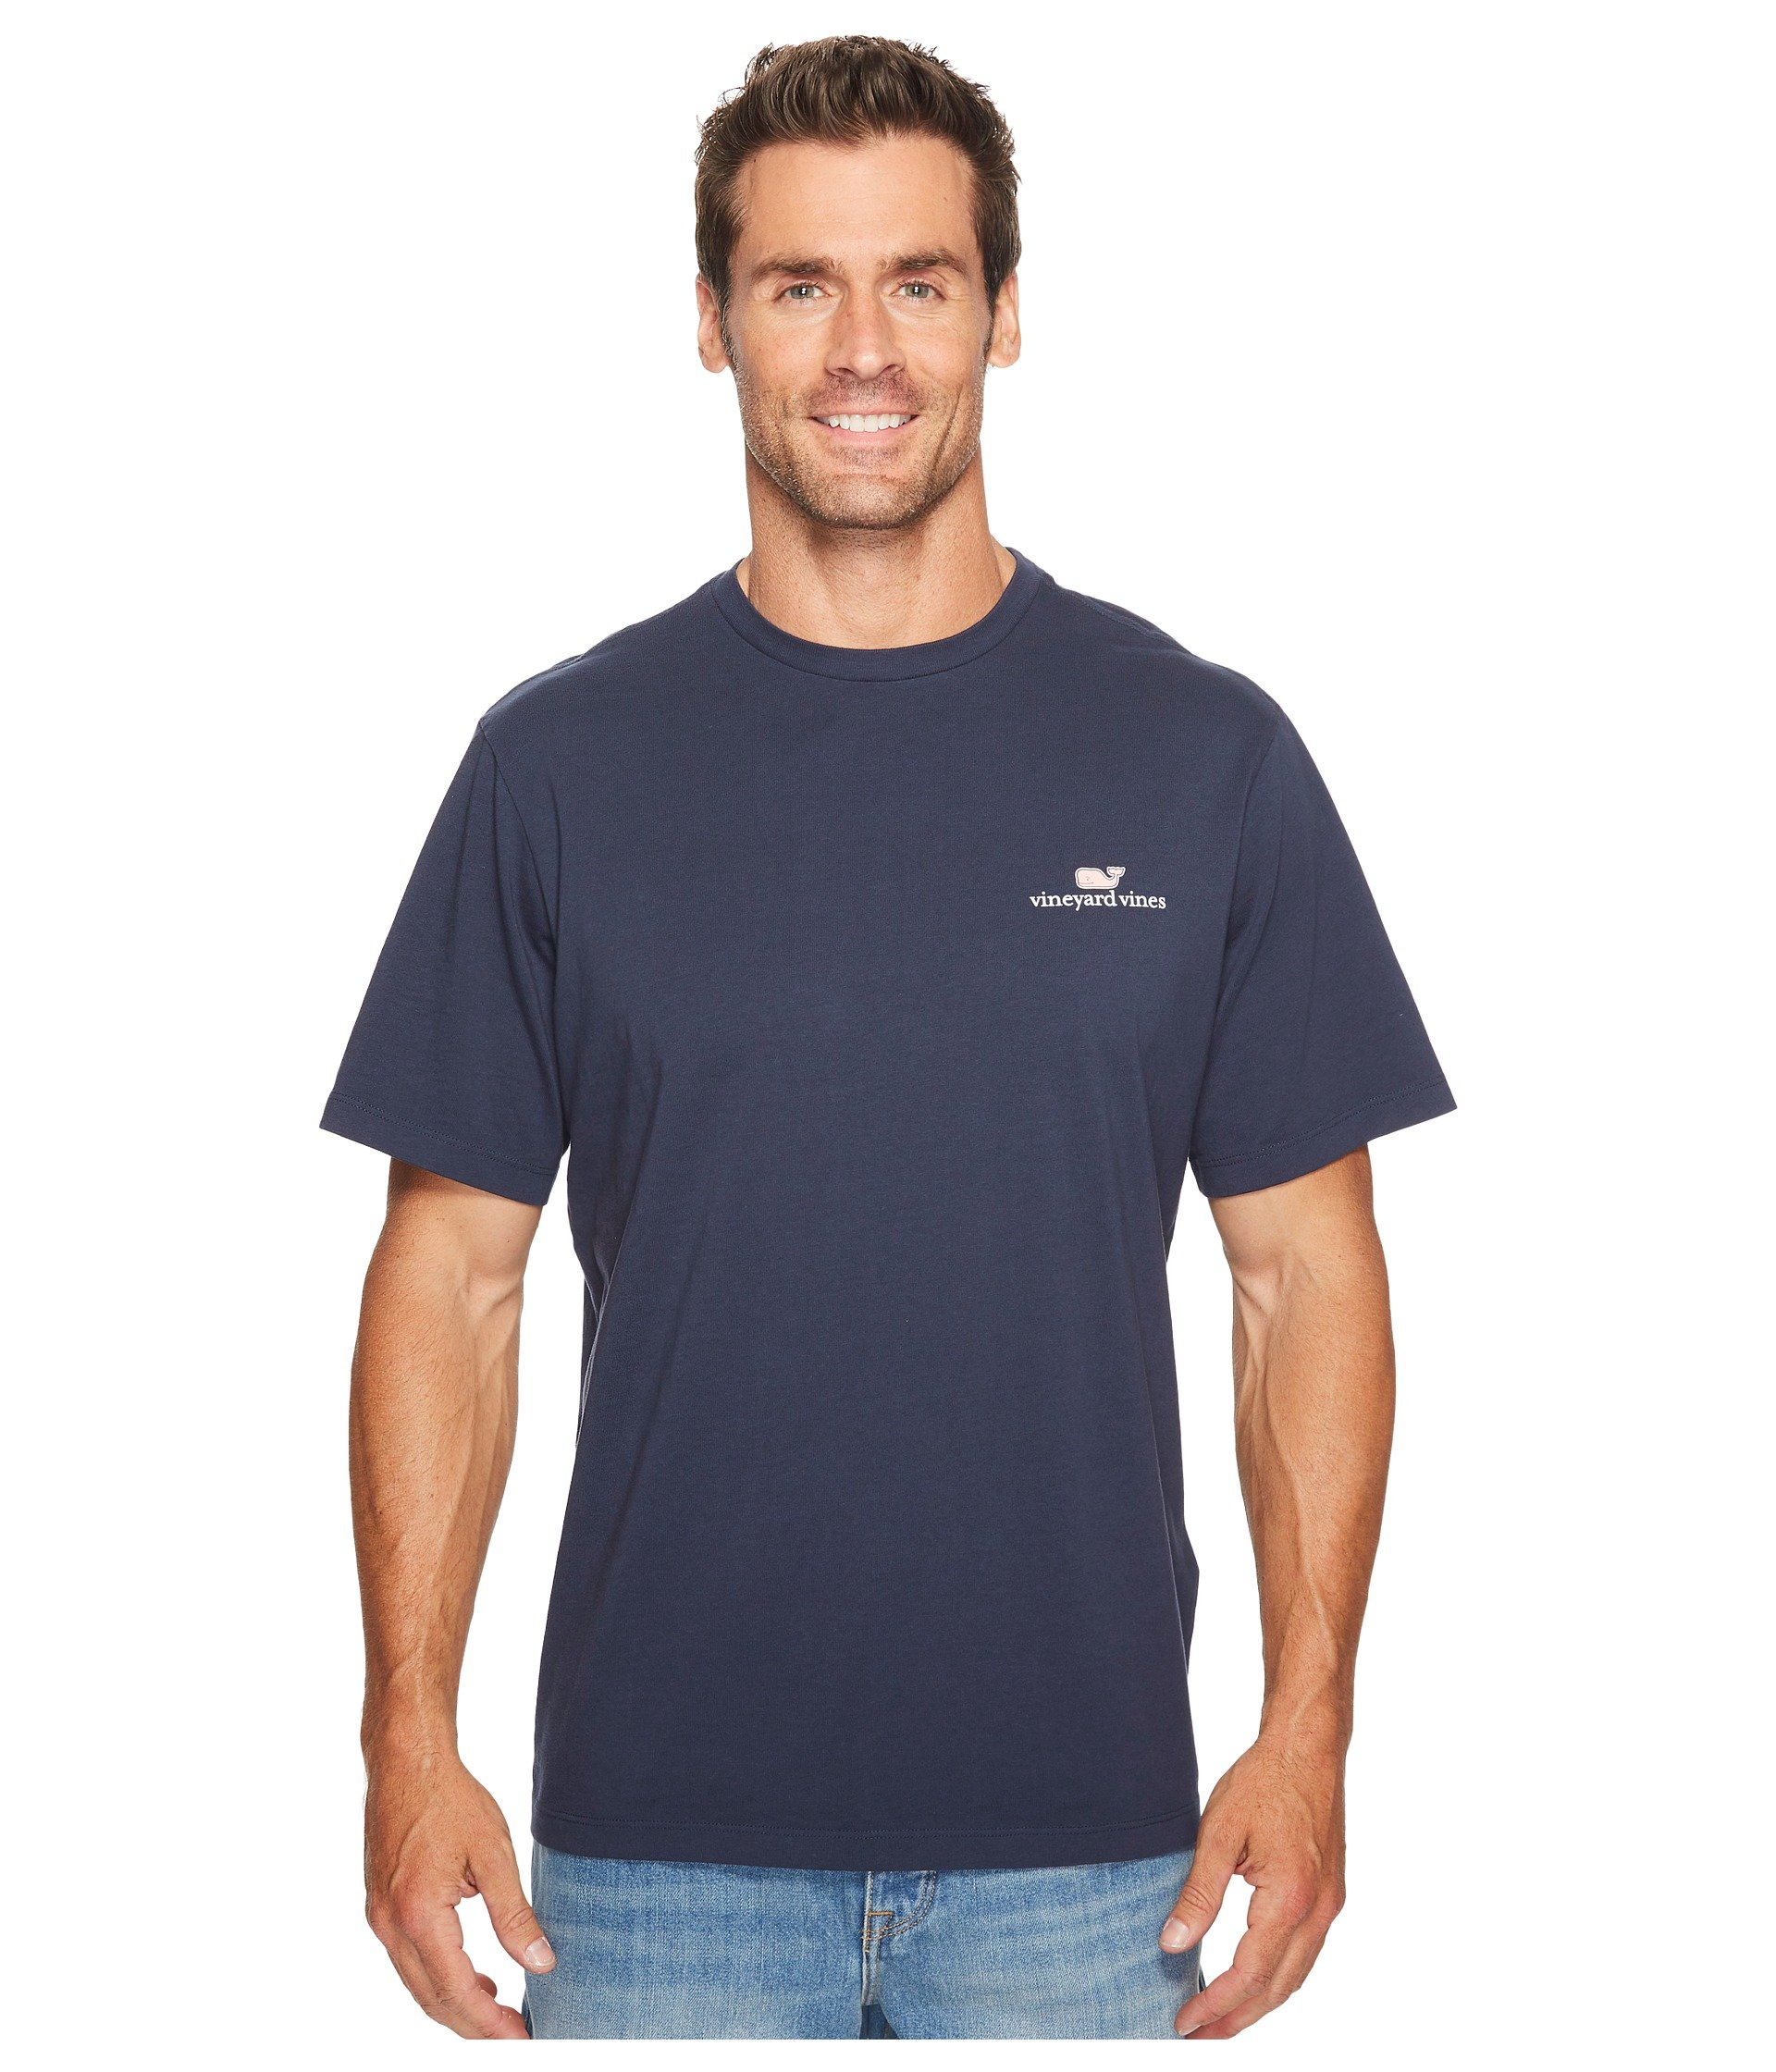 shirt Graphic Vineyard Navy Logo Vv T Vines qUqwXgS